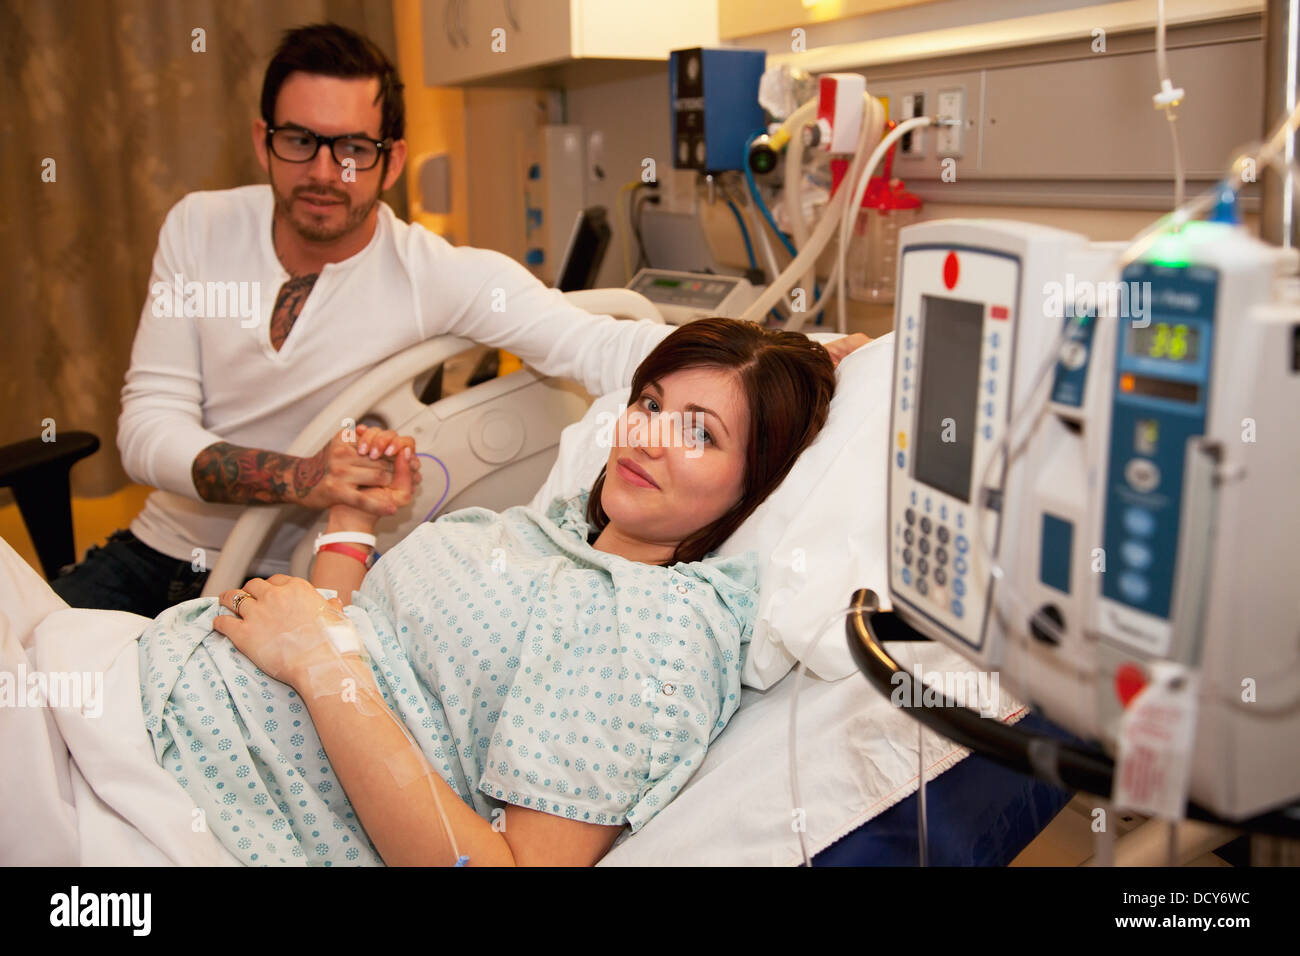 7755d8849 Par esperando bebé en la Sala de Maternidad Foto   Imagen De Stock ...